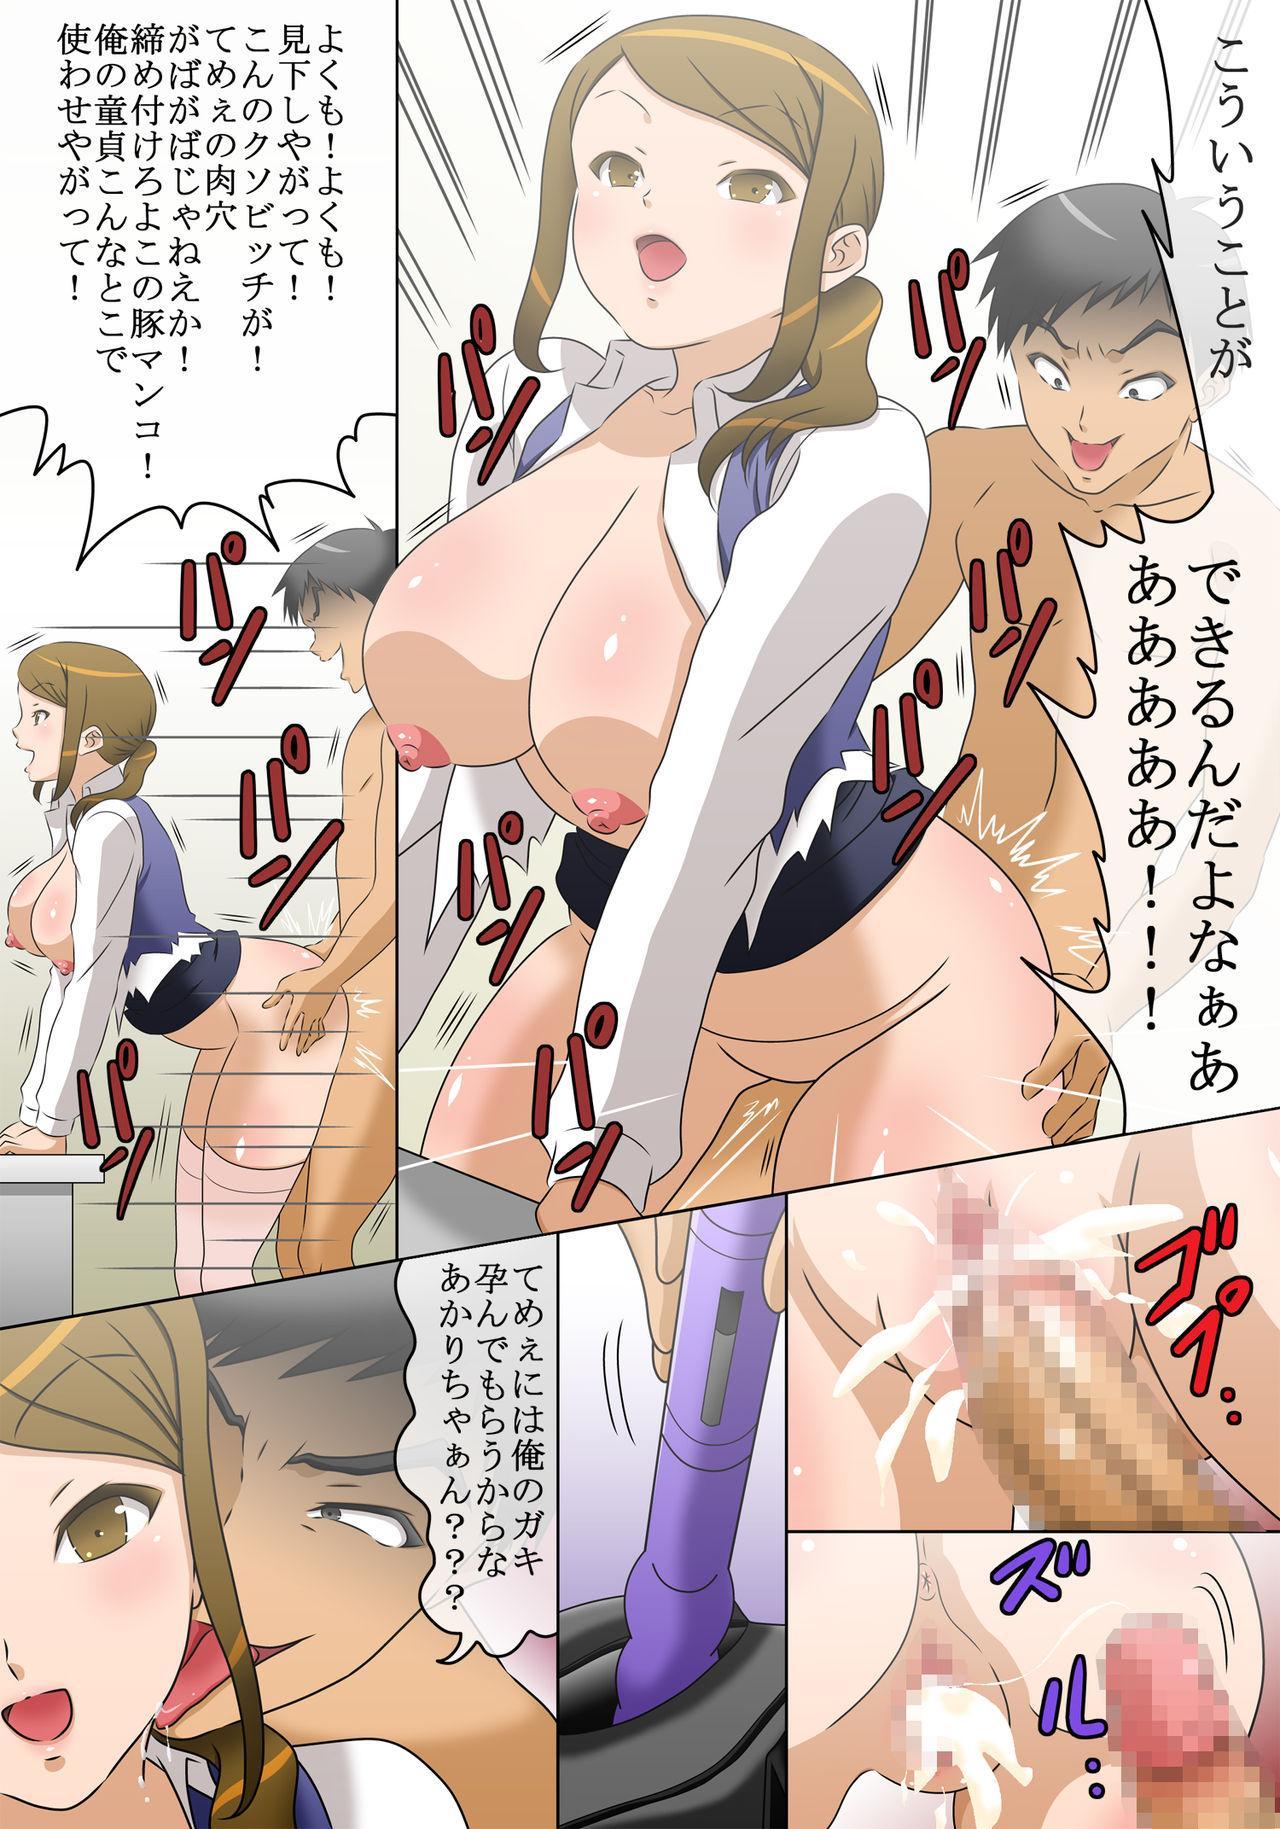 jikan teishi wo kaijo shitara 6